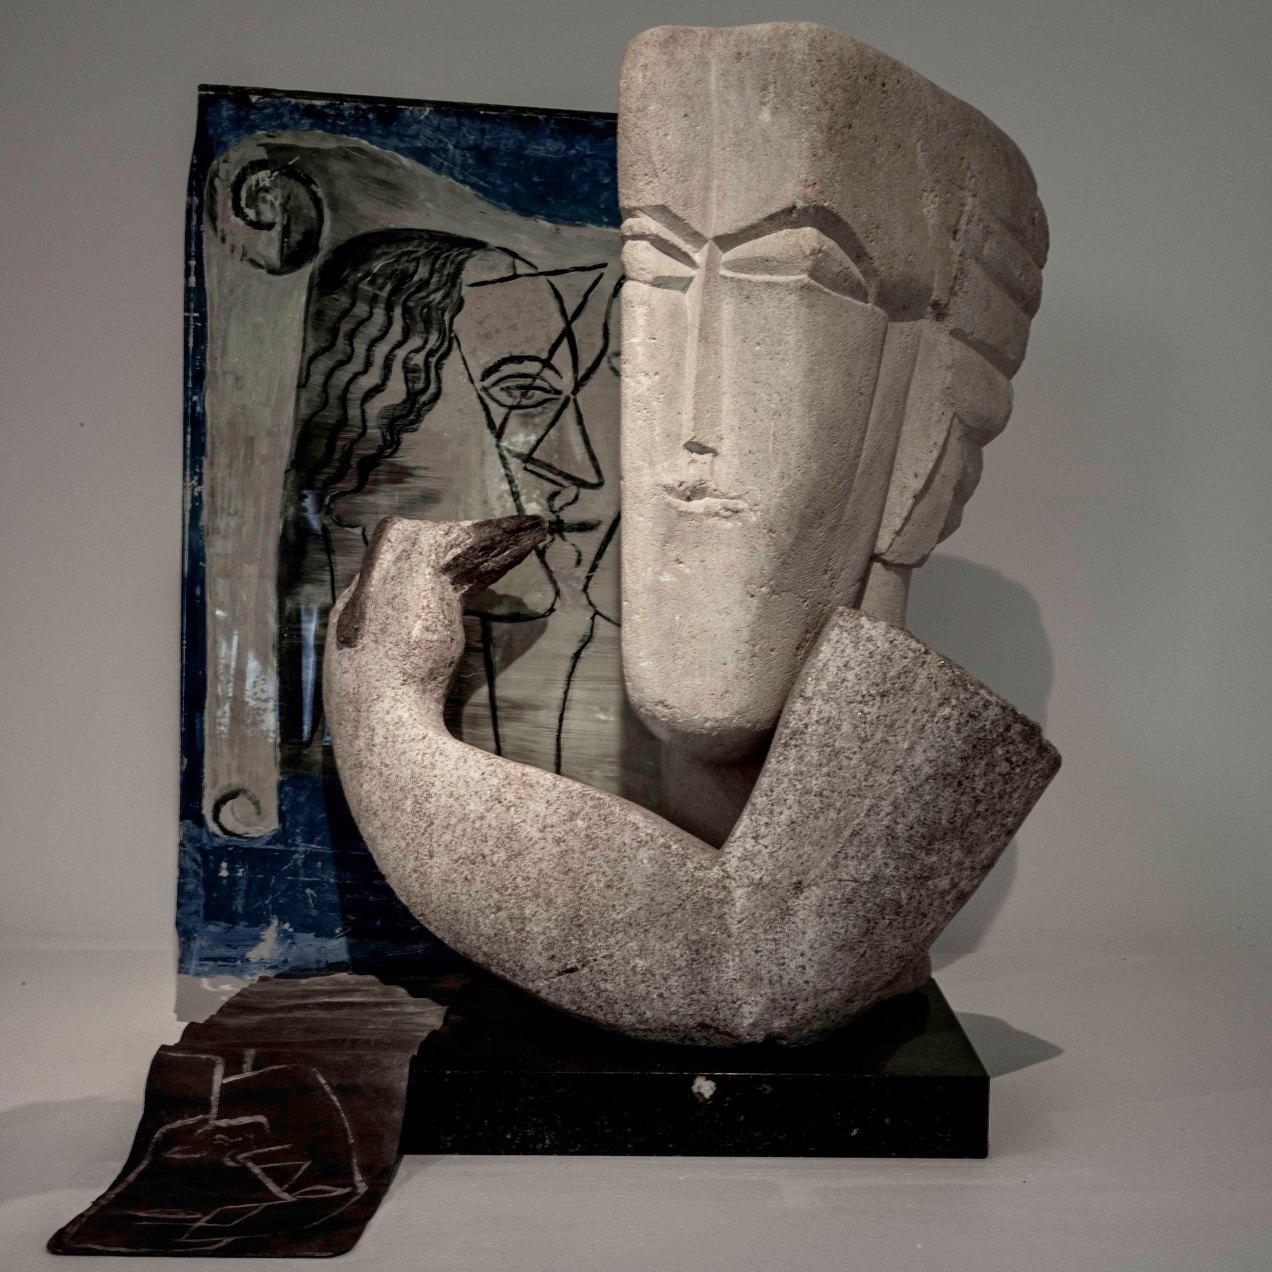 Le sculpteur, Marbre, granite, pierre, plomb et verre peint, nat